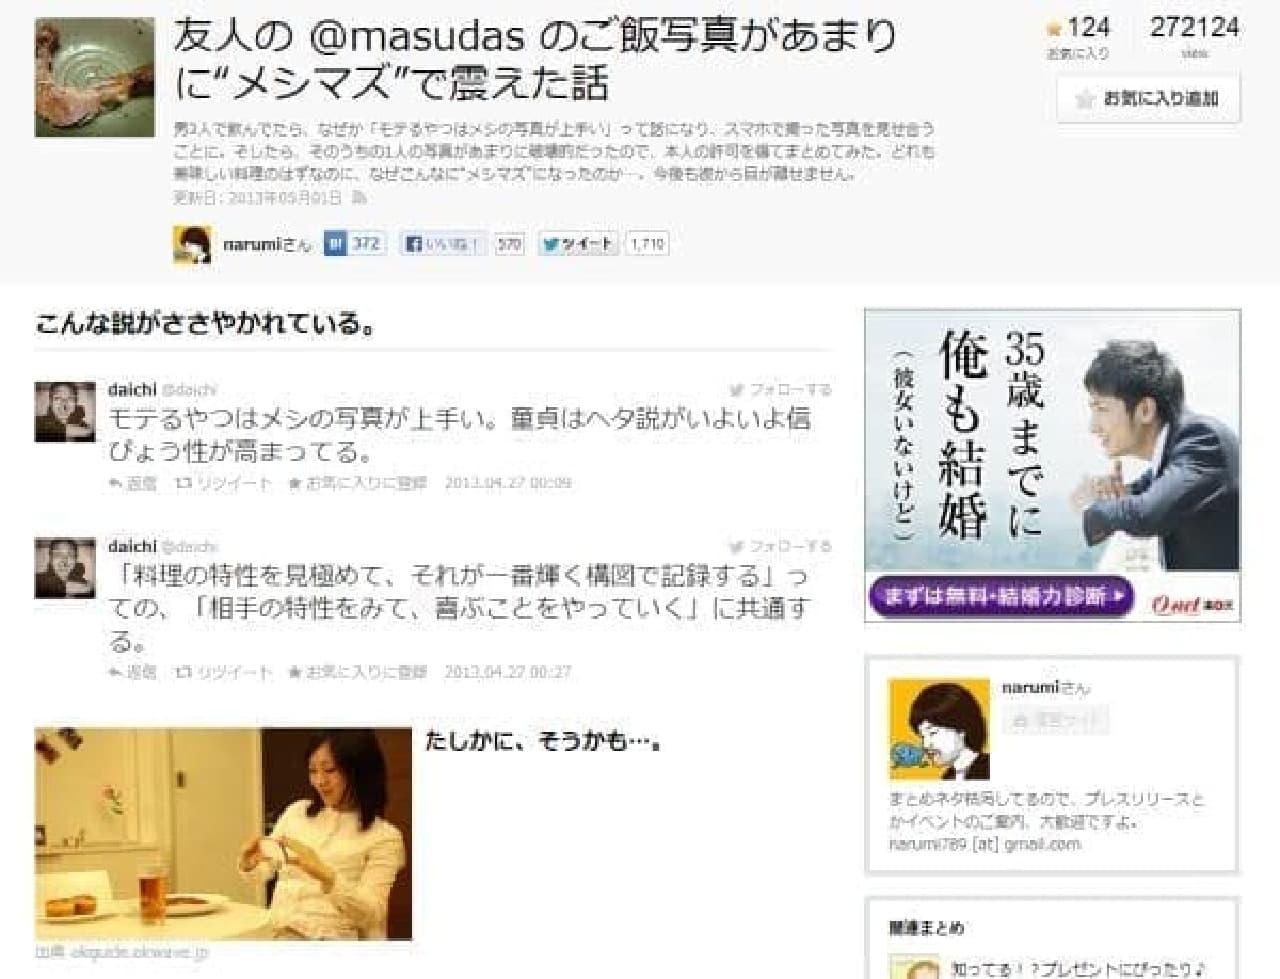 """まとめ「友人の @masudas のご飯写真があまりに""""メシマズ""""で震えた話」"""